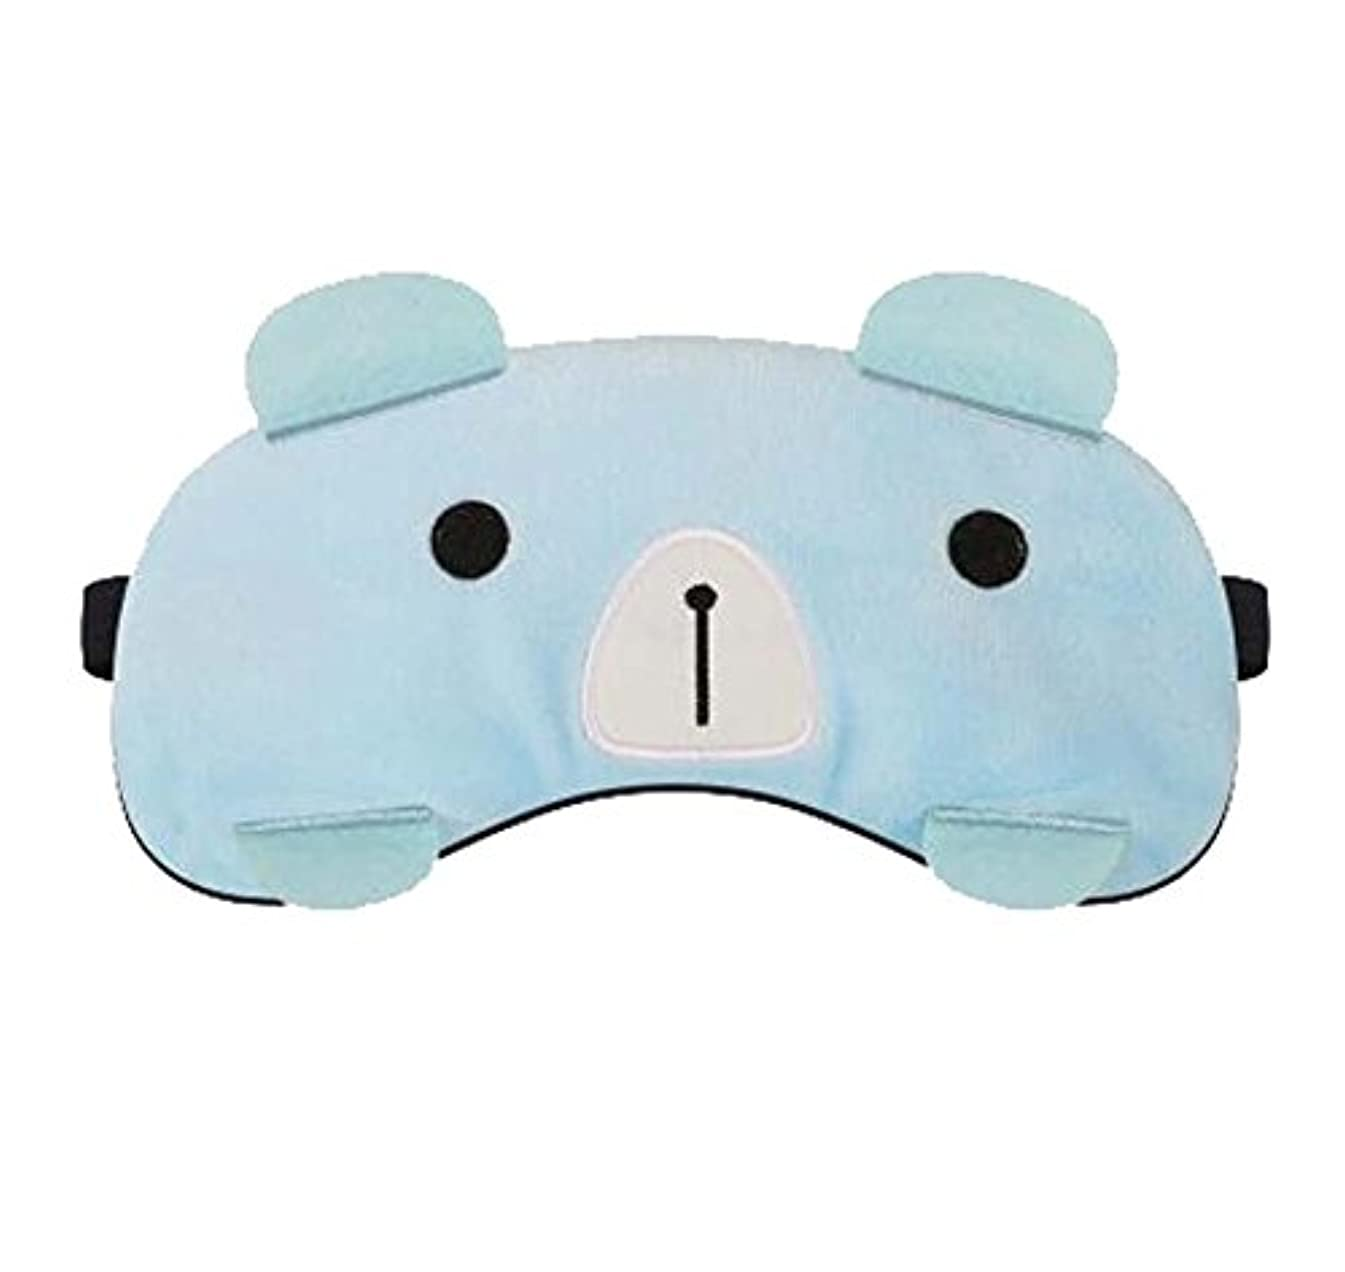 不愉快にストラップヨーグルトかわいい睡眠マスクアイマスク - セラピー不眠症 - 男性、女性、女の子、子供、D